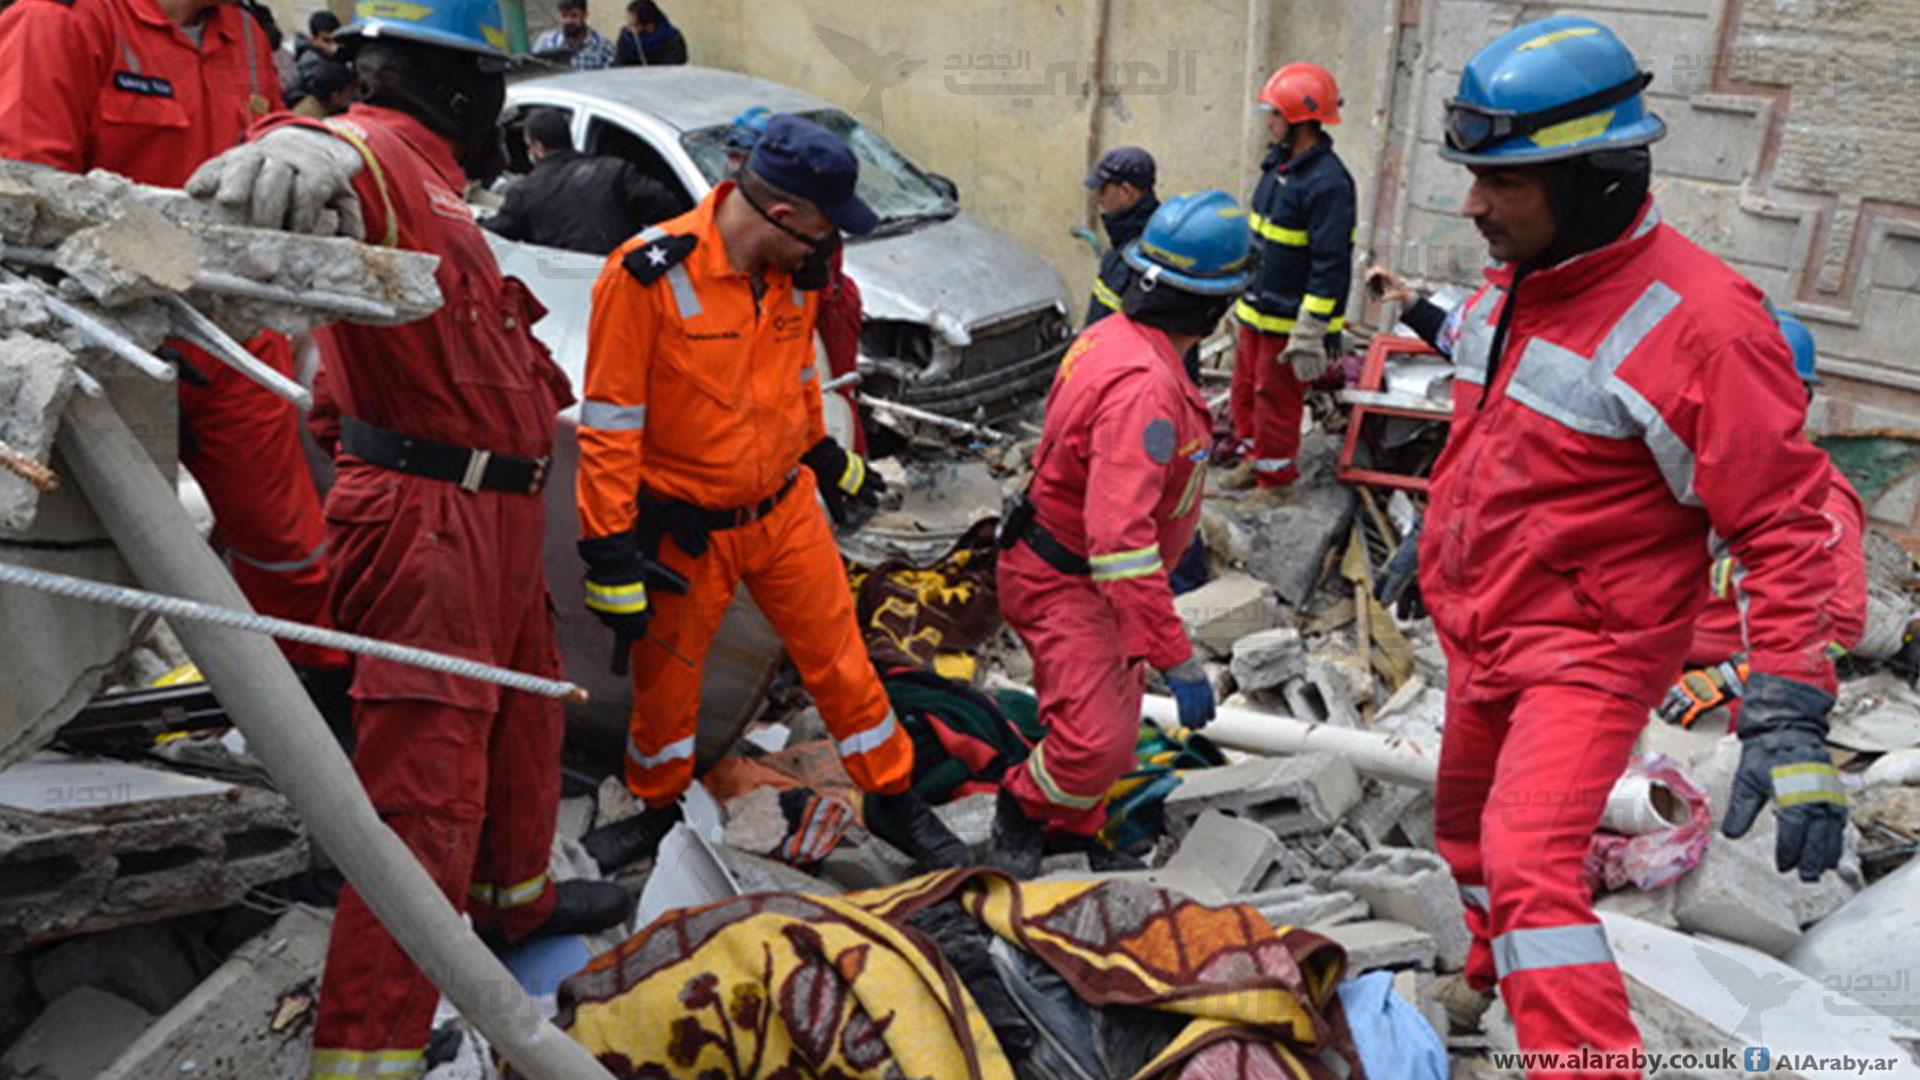 الدفاع المدني ينتشل 5853 جثة بينها اكثر من 1200 طفل في الموصل